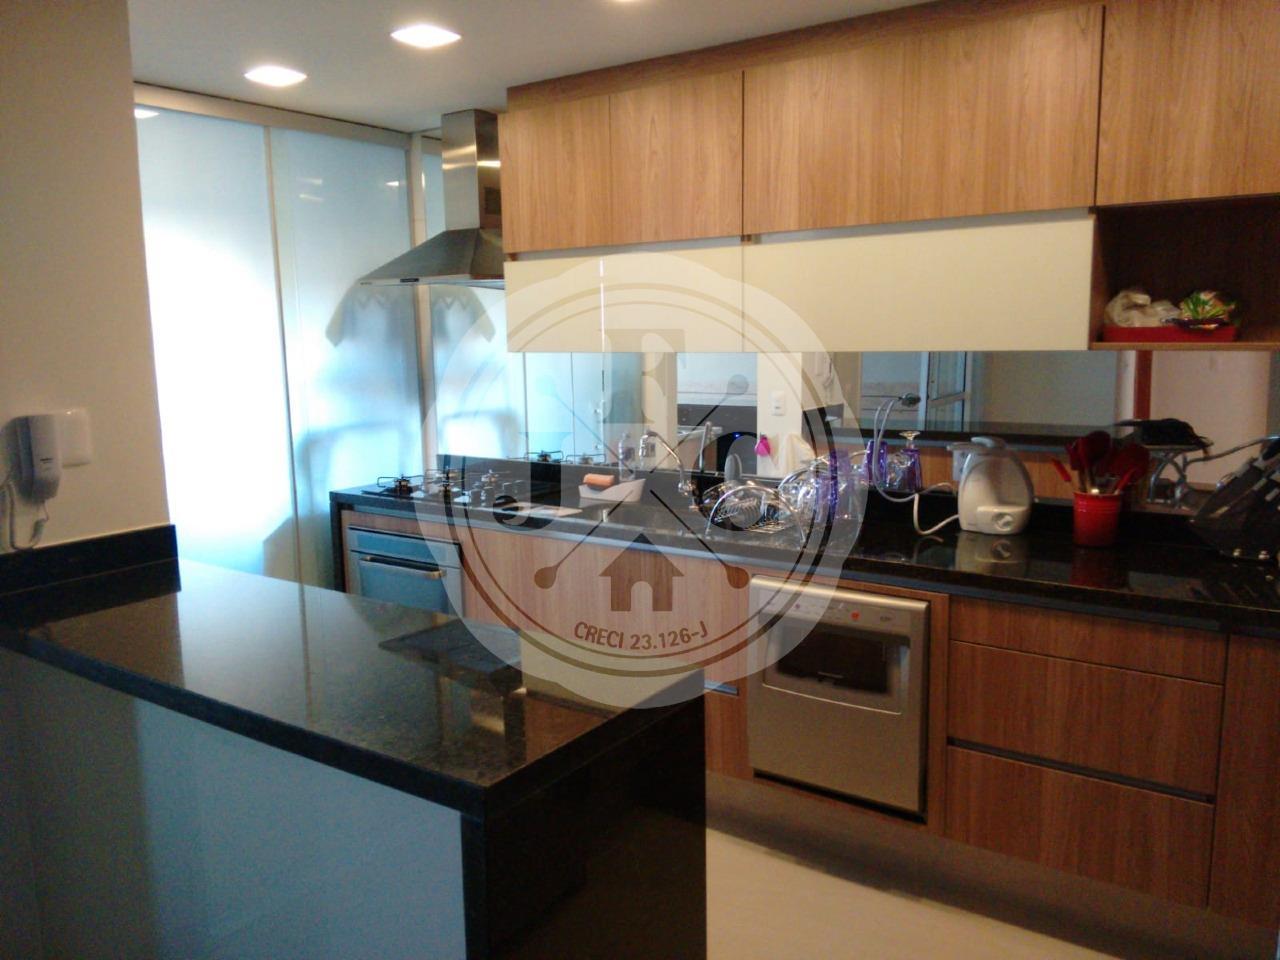 Exclusivo apartamento para locação com 2 suítes no bairro Bosque das Juritis.